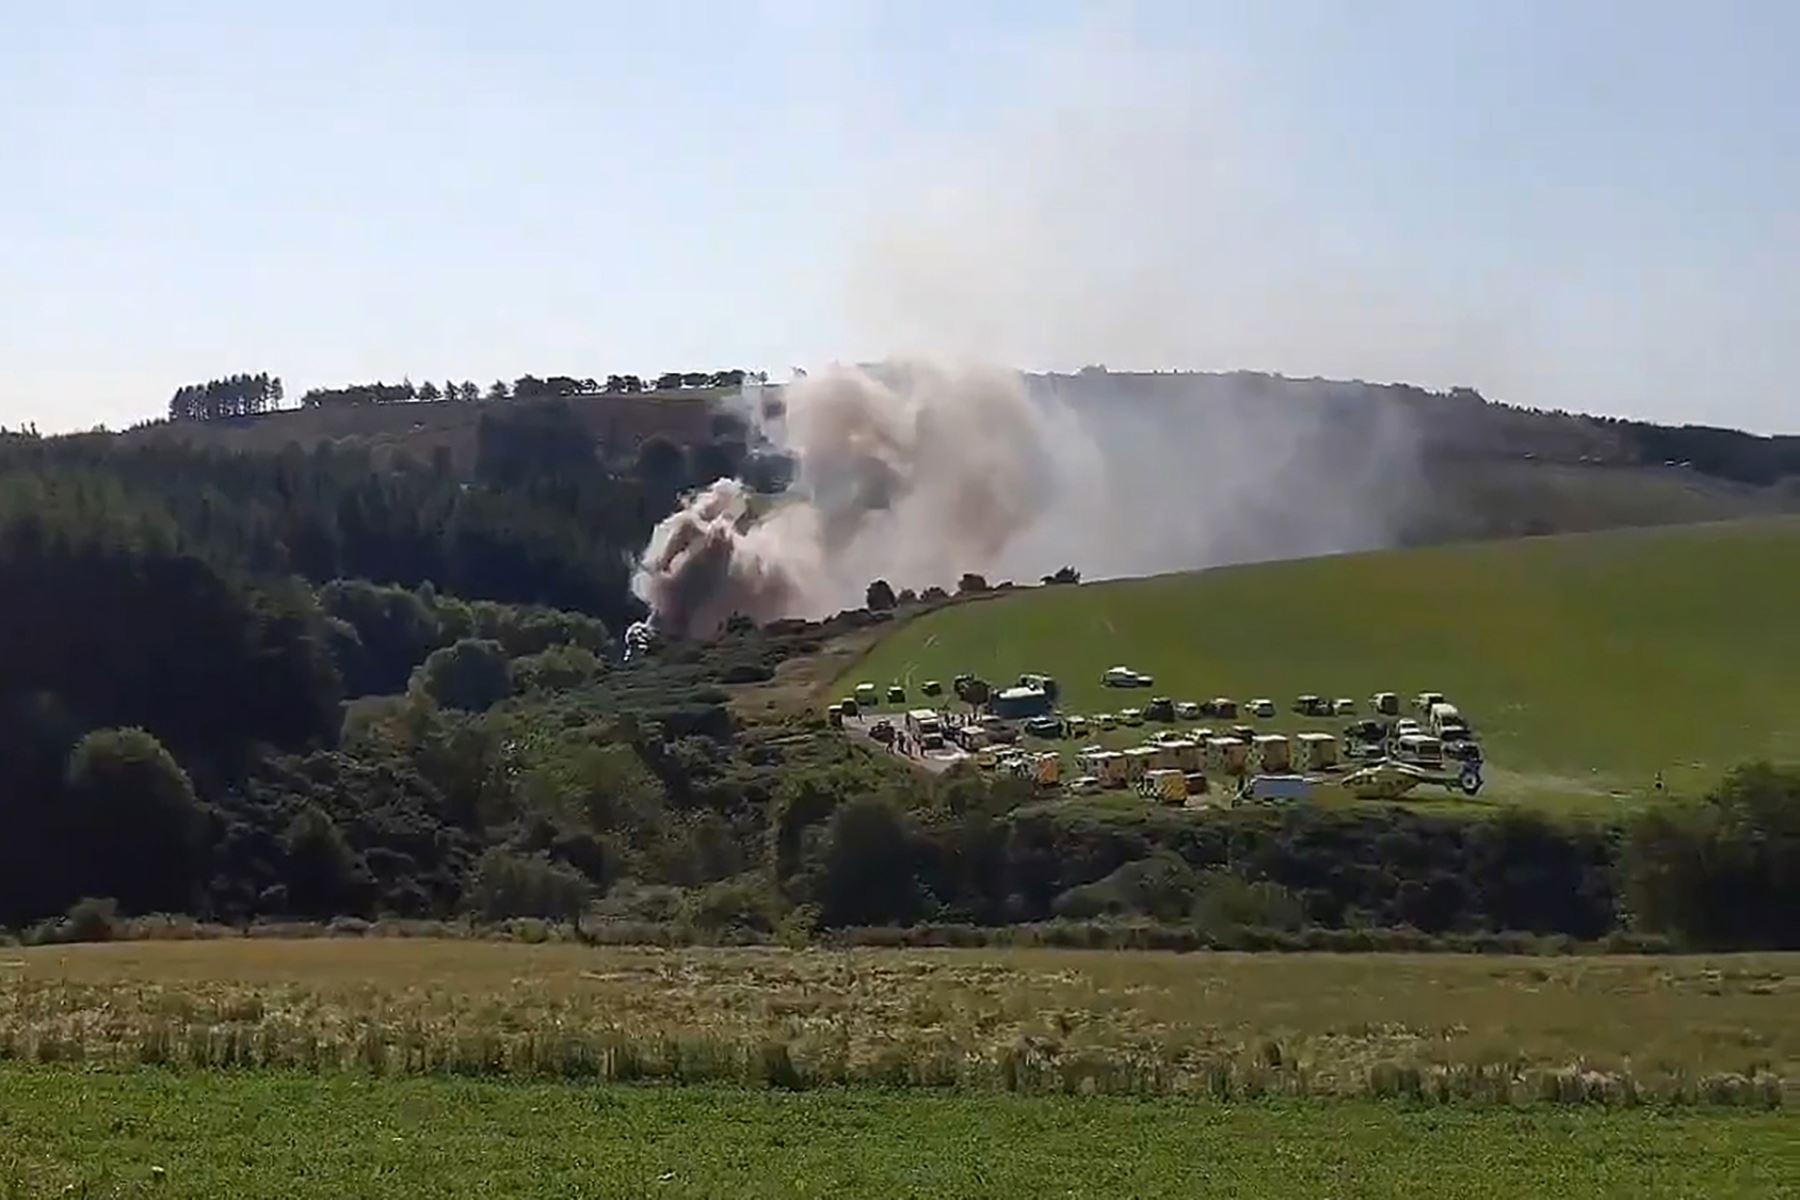 Una imagen fija tomada de un video muestra humo saliendo de la escena de un accidente de tren cerca de Stonehaven en el noreste de Escocia   Foto:AFP